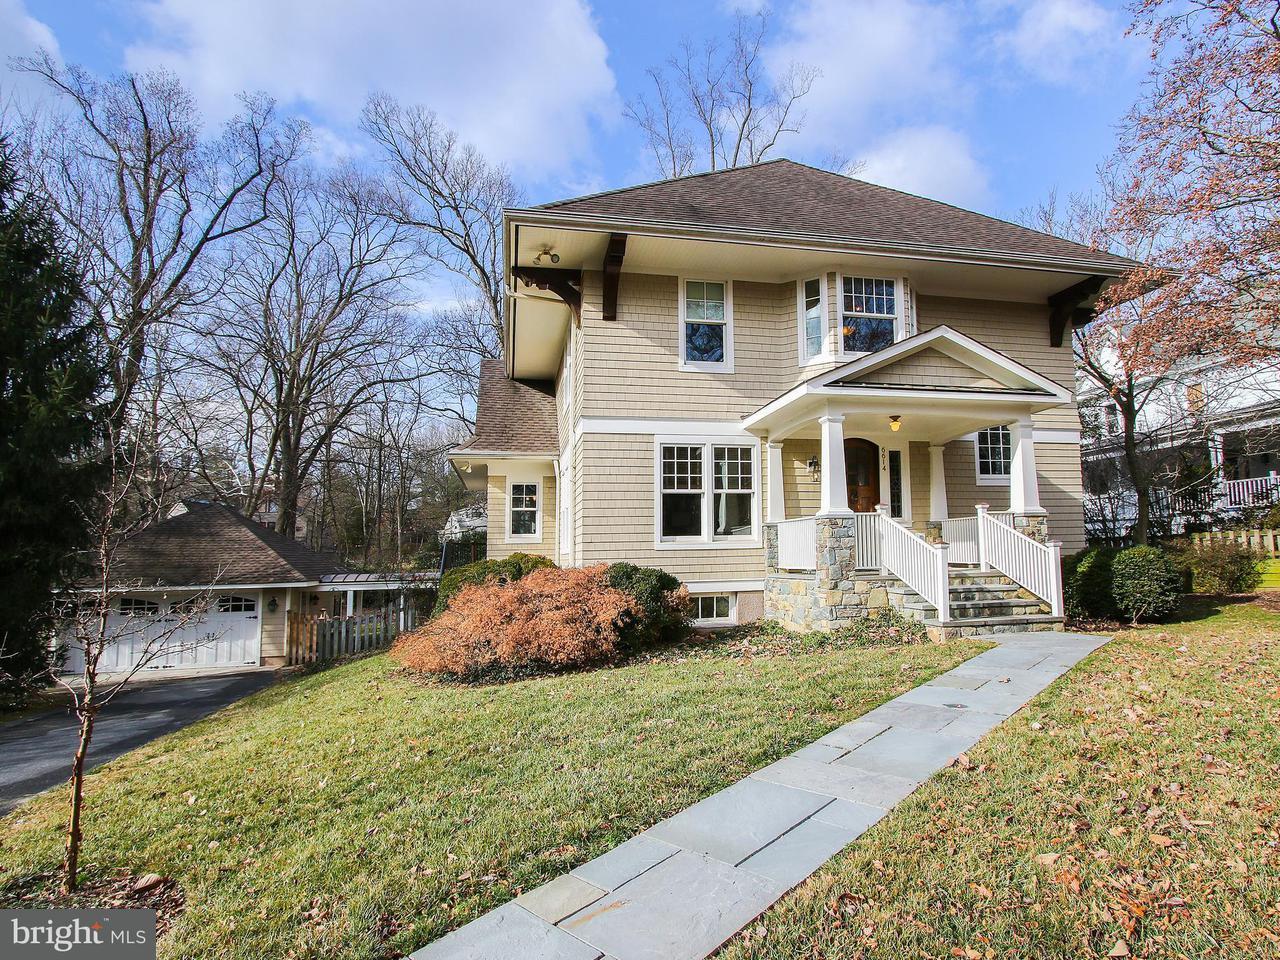 Частный односемейный дом для того Продажа на 6614 81st Street 6614 81st Street Cabin John, Мэриленд 20818 Соединенные Штаты